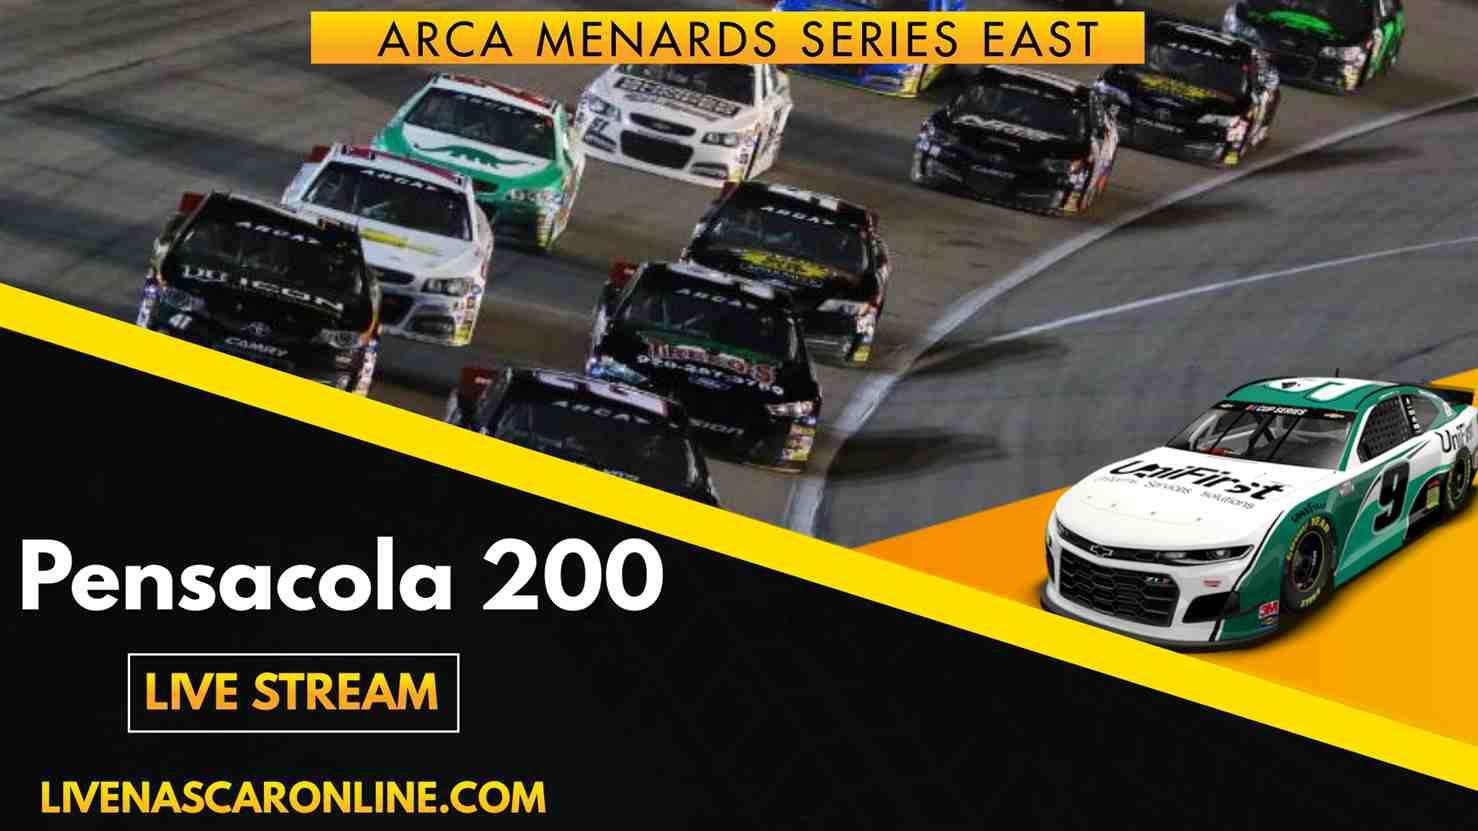 ARCA Pensacola 200 Live Stream